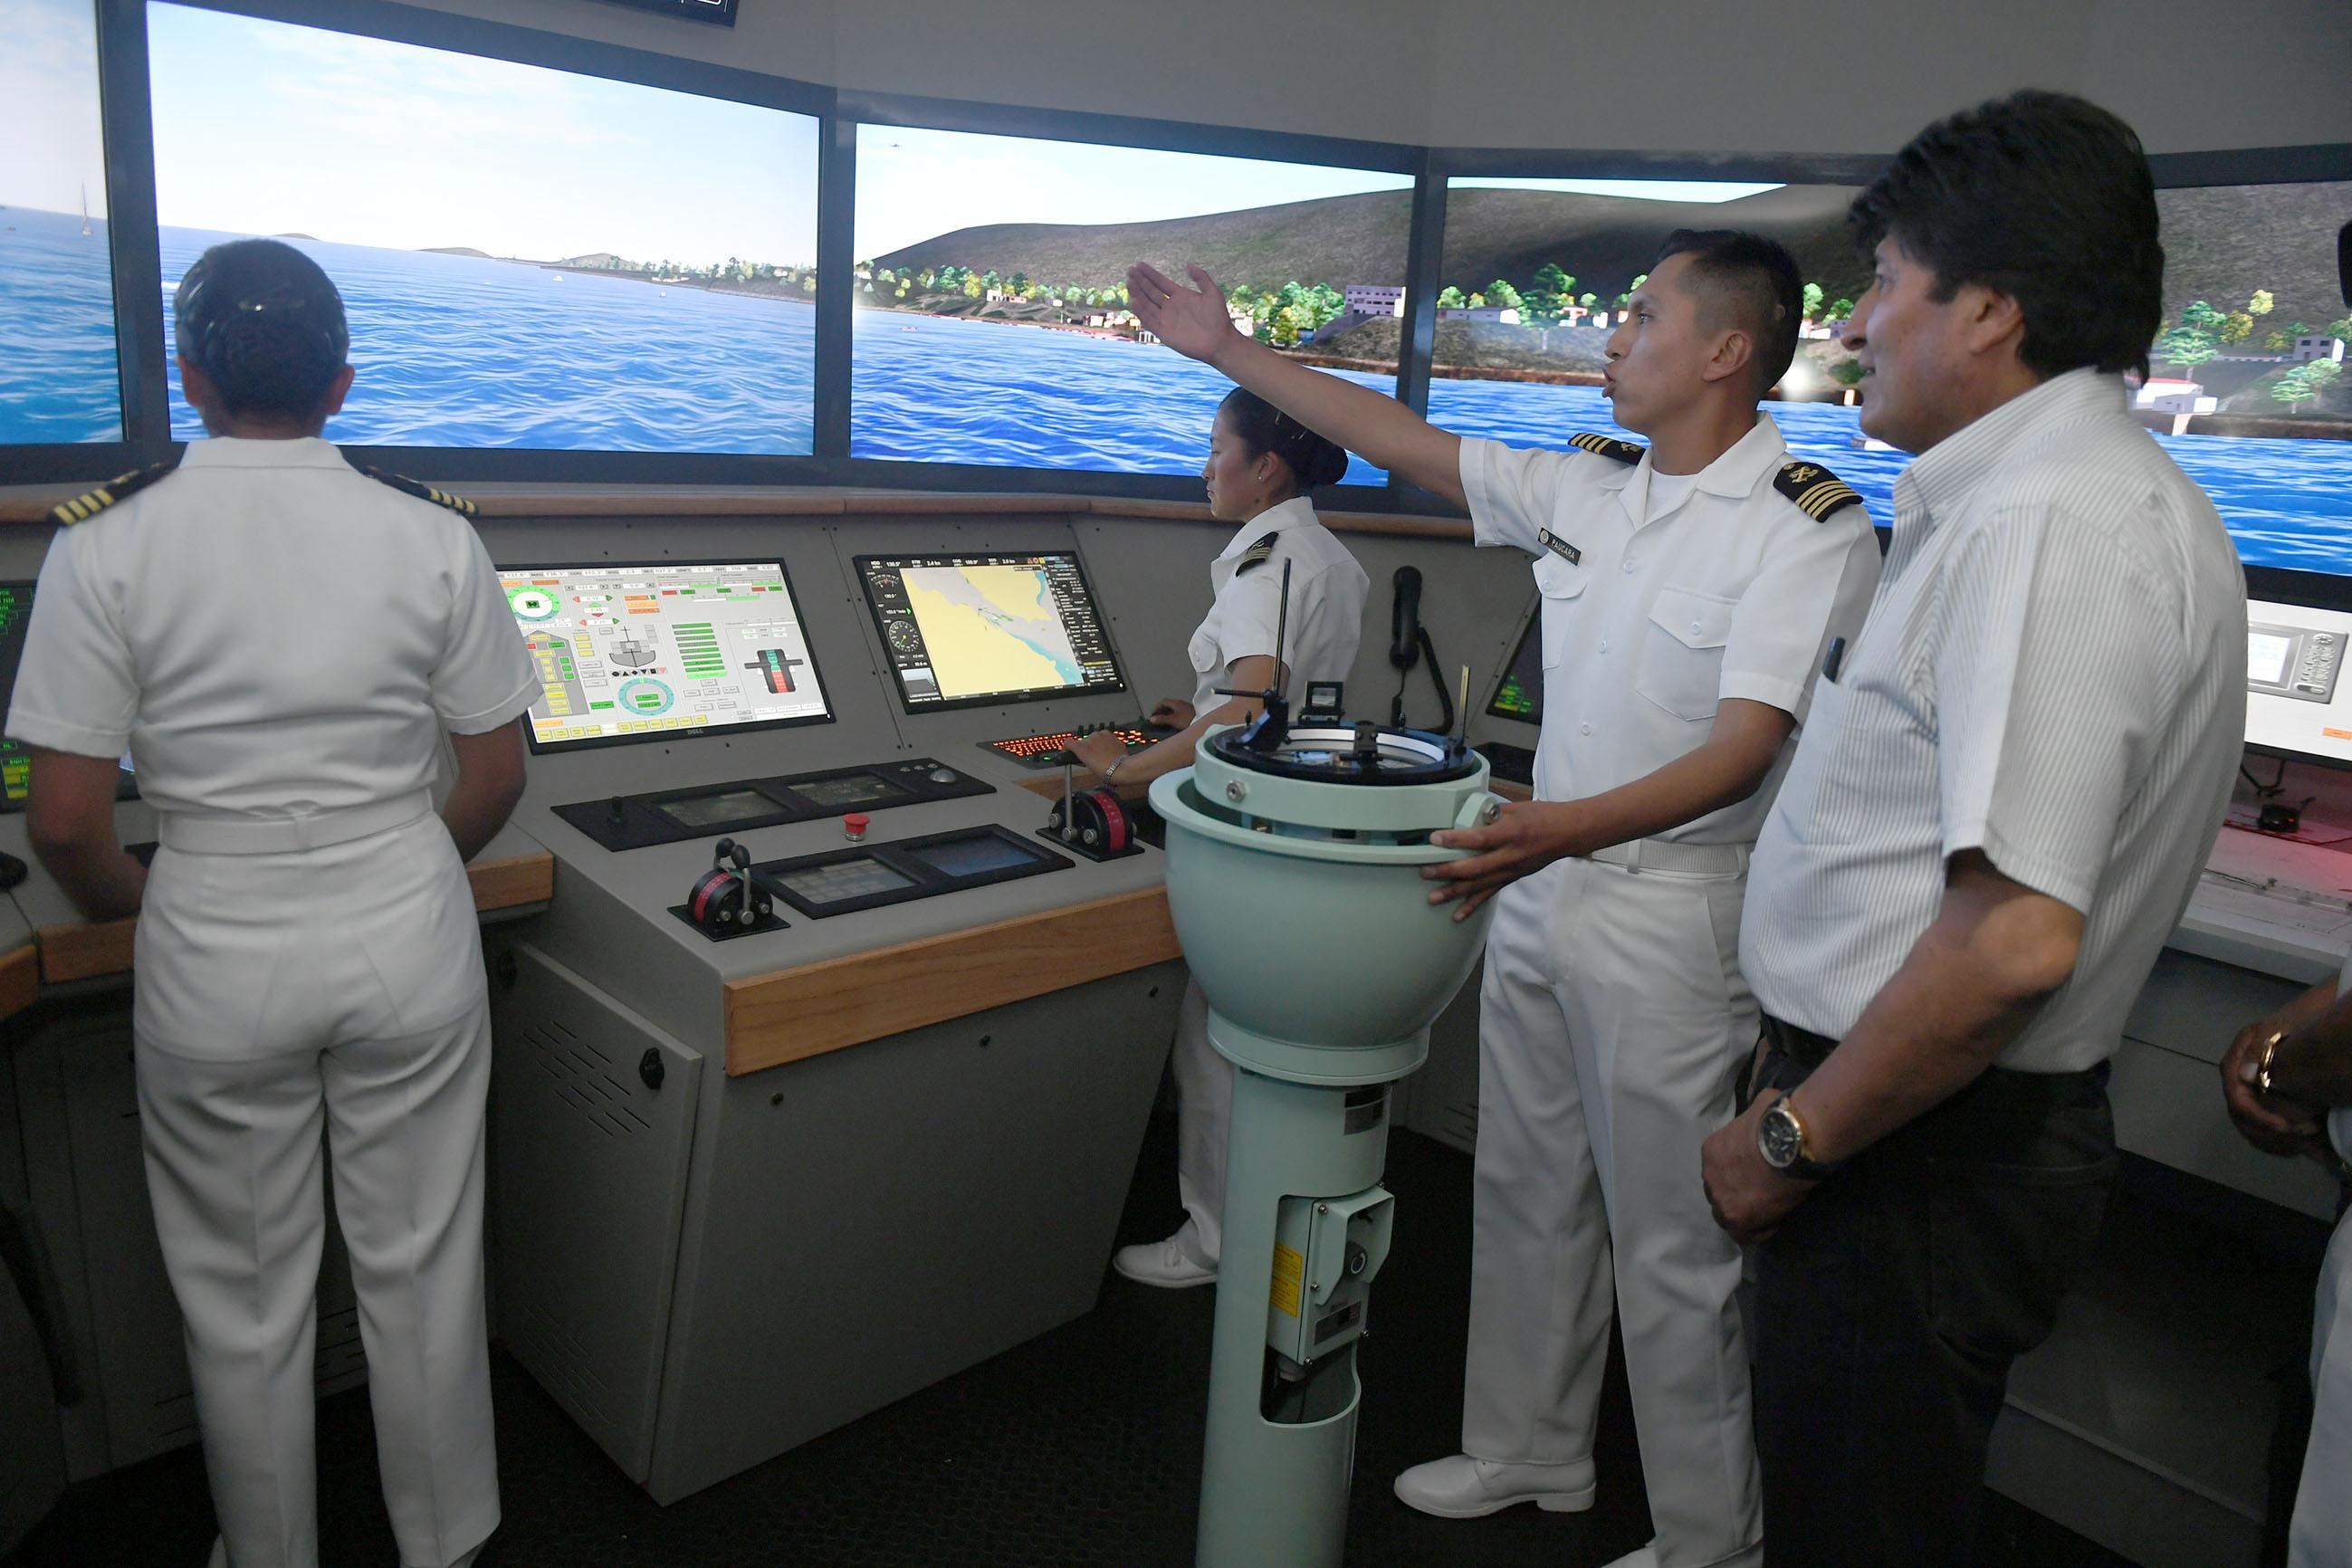 ESPECIAL Para quando o Mar Chegar! Armada Boliviana inaugura simulador que reproduz operação com fragatas e corvetas, custou quase meio milhão de dólares e usa software russo